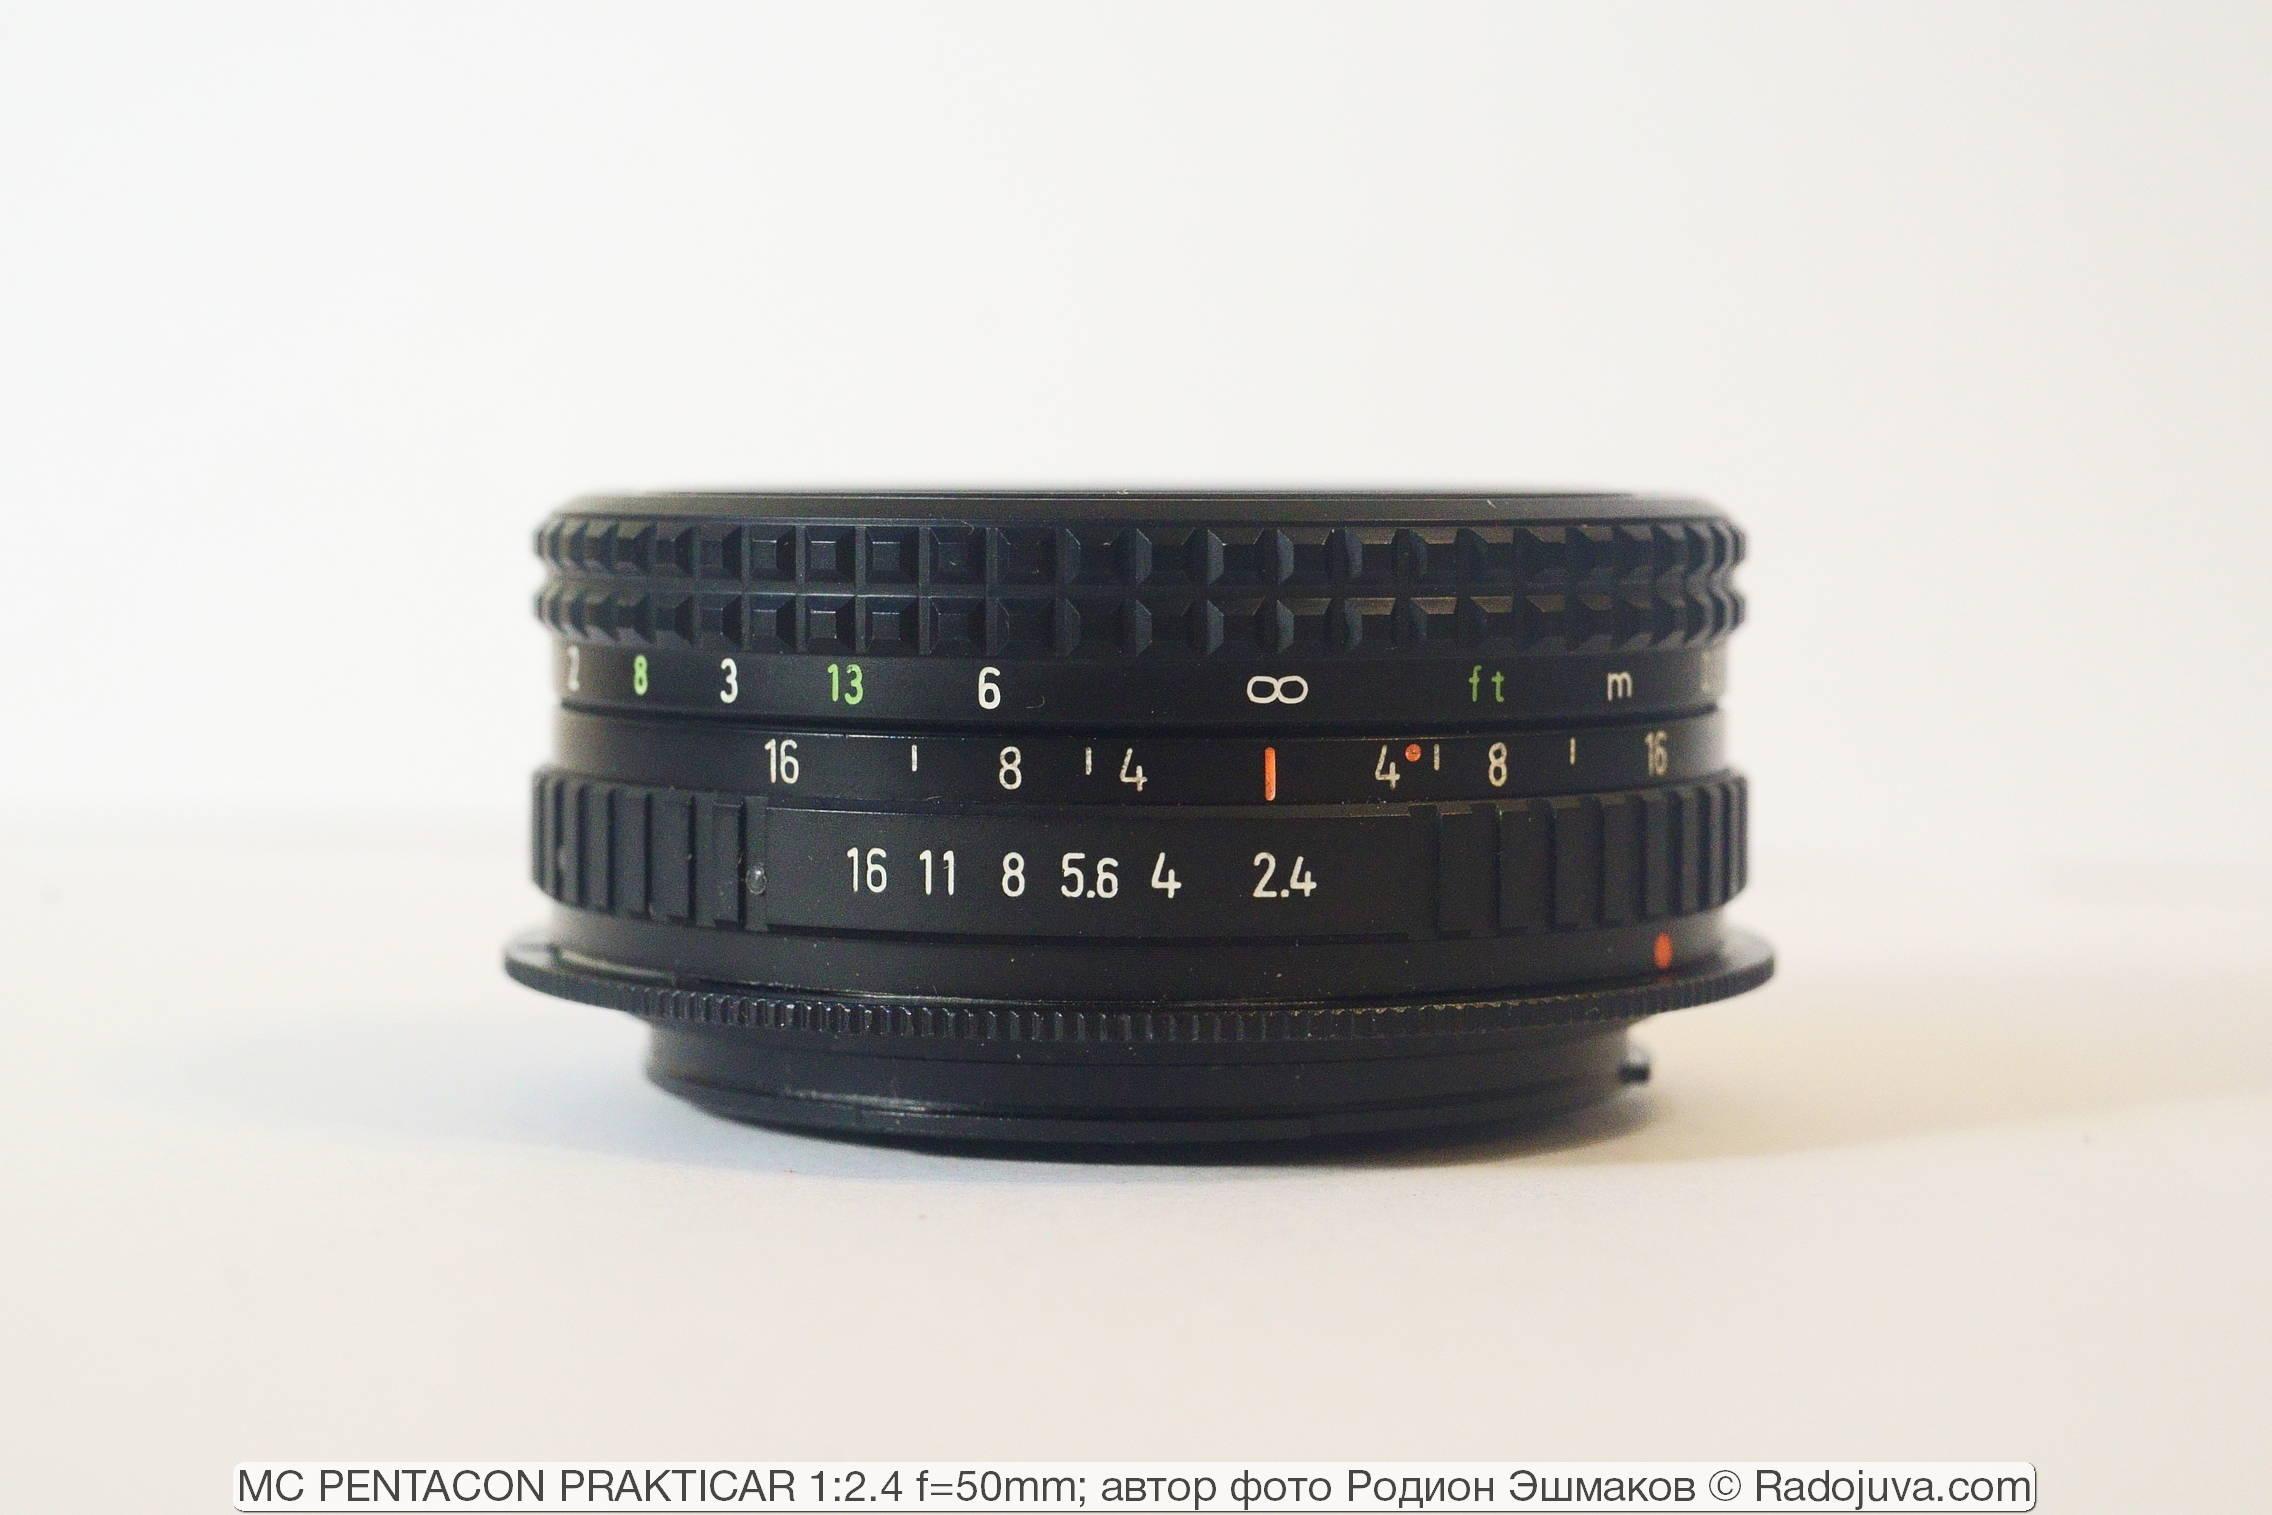 Prakticar 50/2.4, адаптированный для Canon EF.